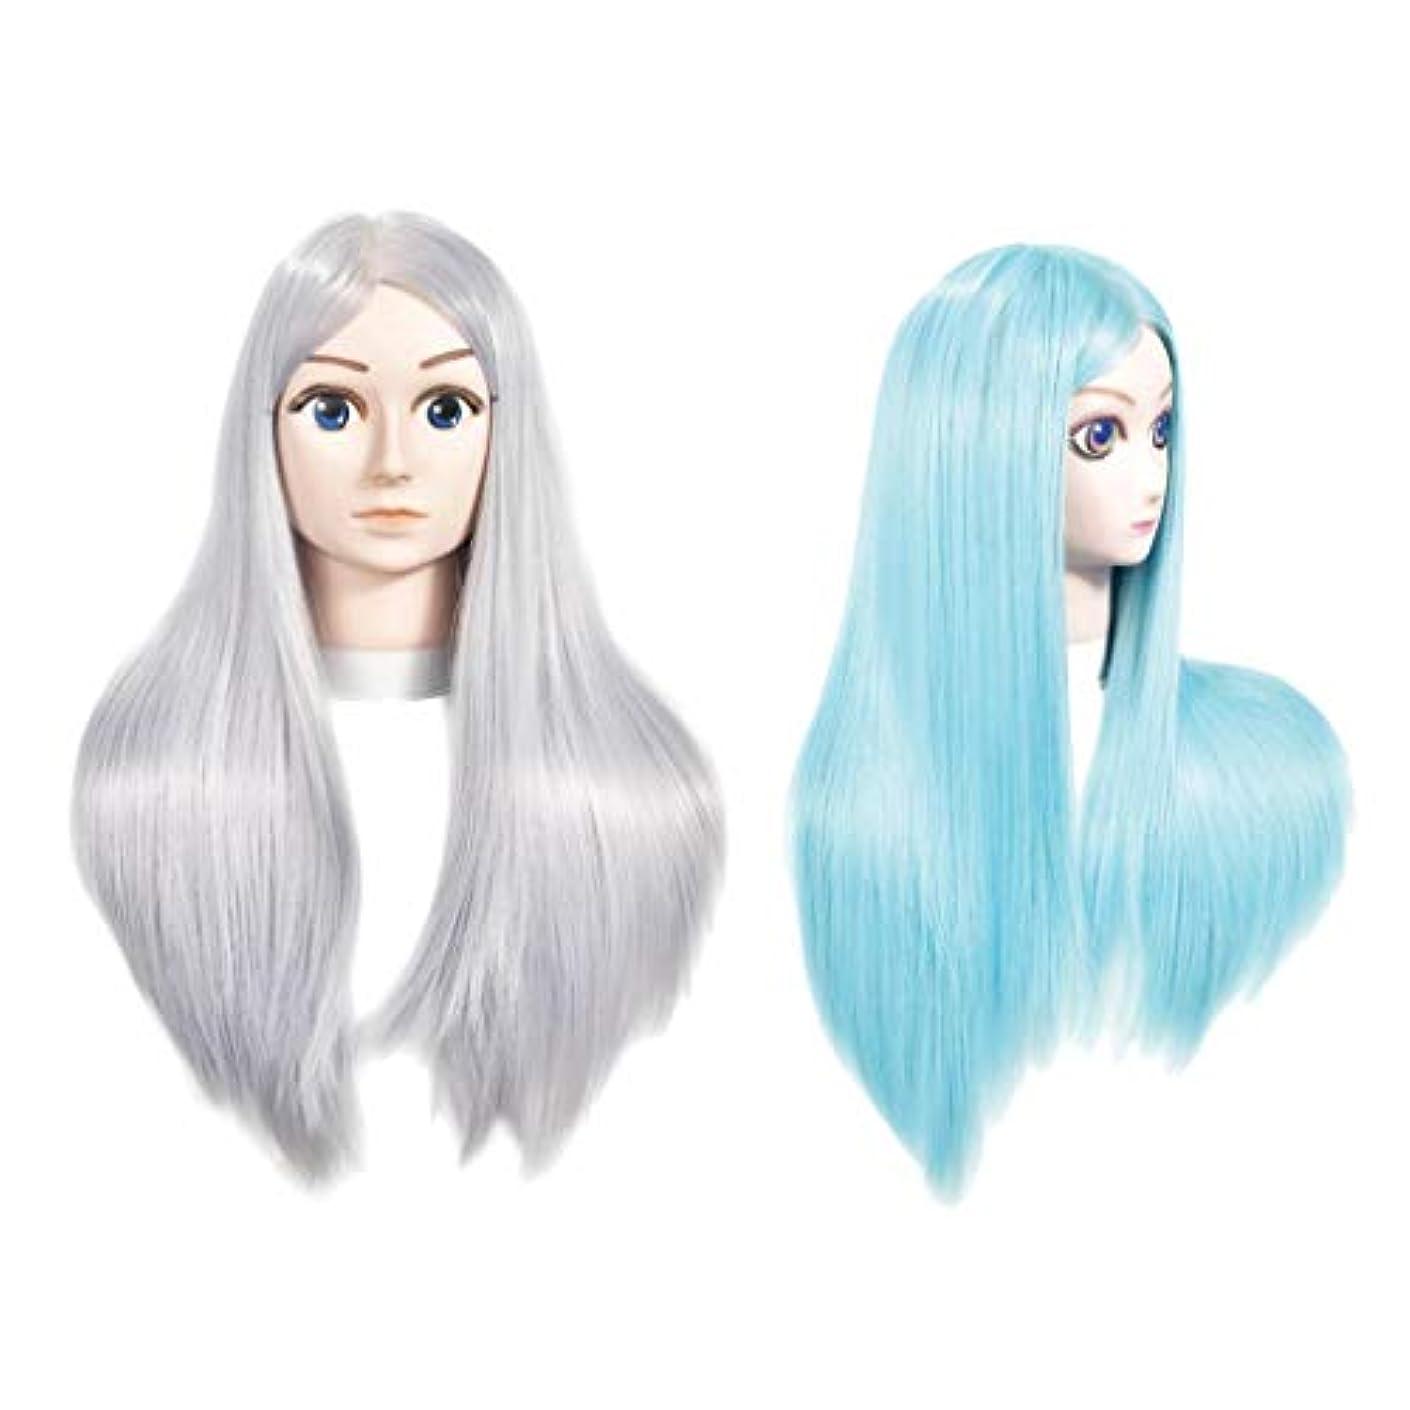 確かなハムこれまでCUTICATE マネキンモデル トレーニング 練習用 理髪用 髪付き 実践 ヘッド 編み込み練習用 カット練習用